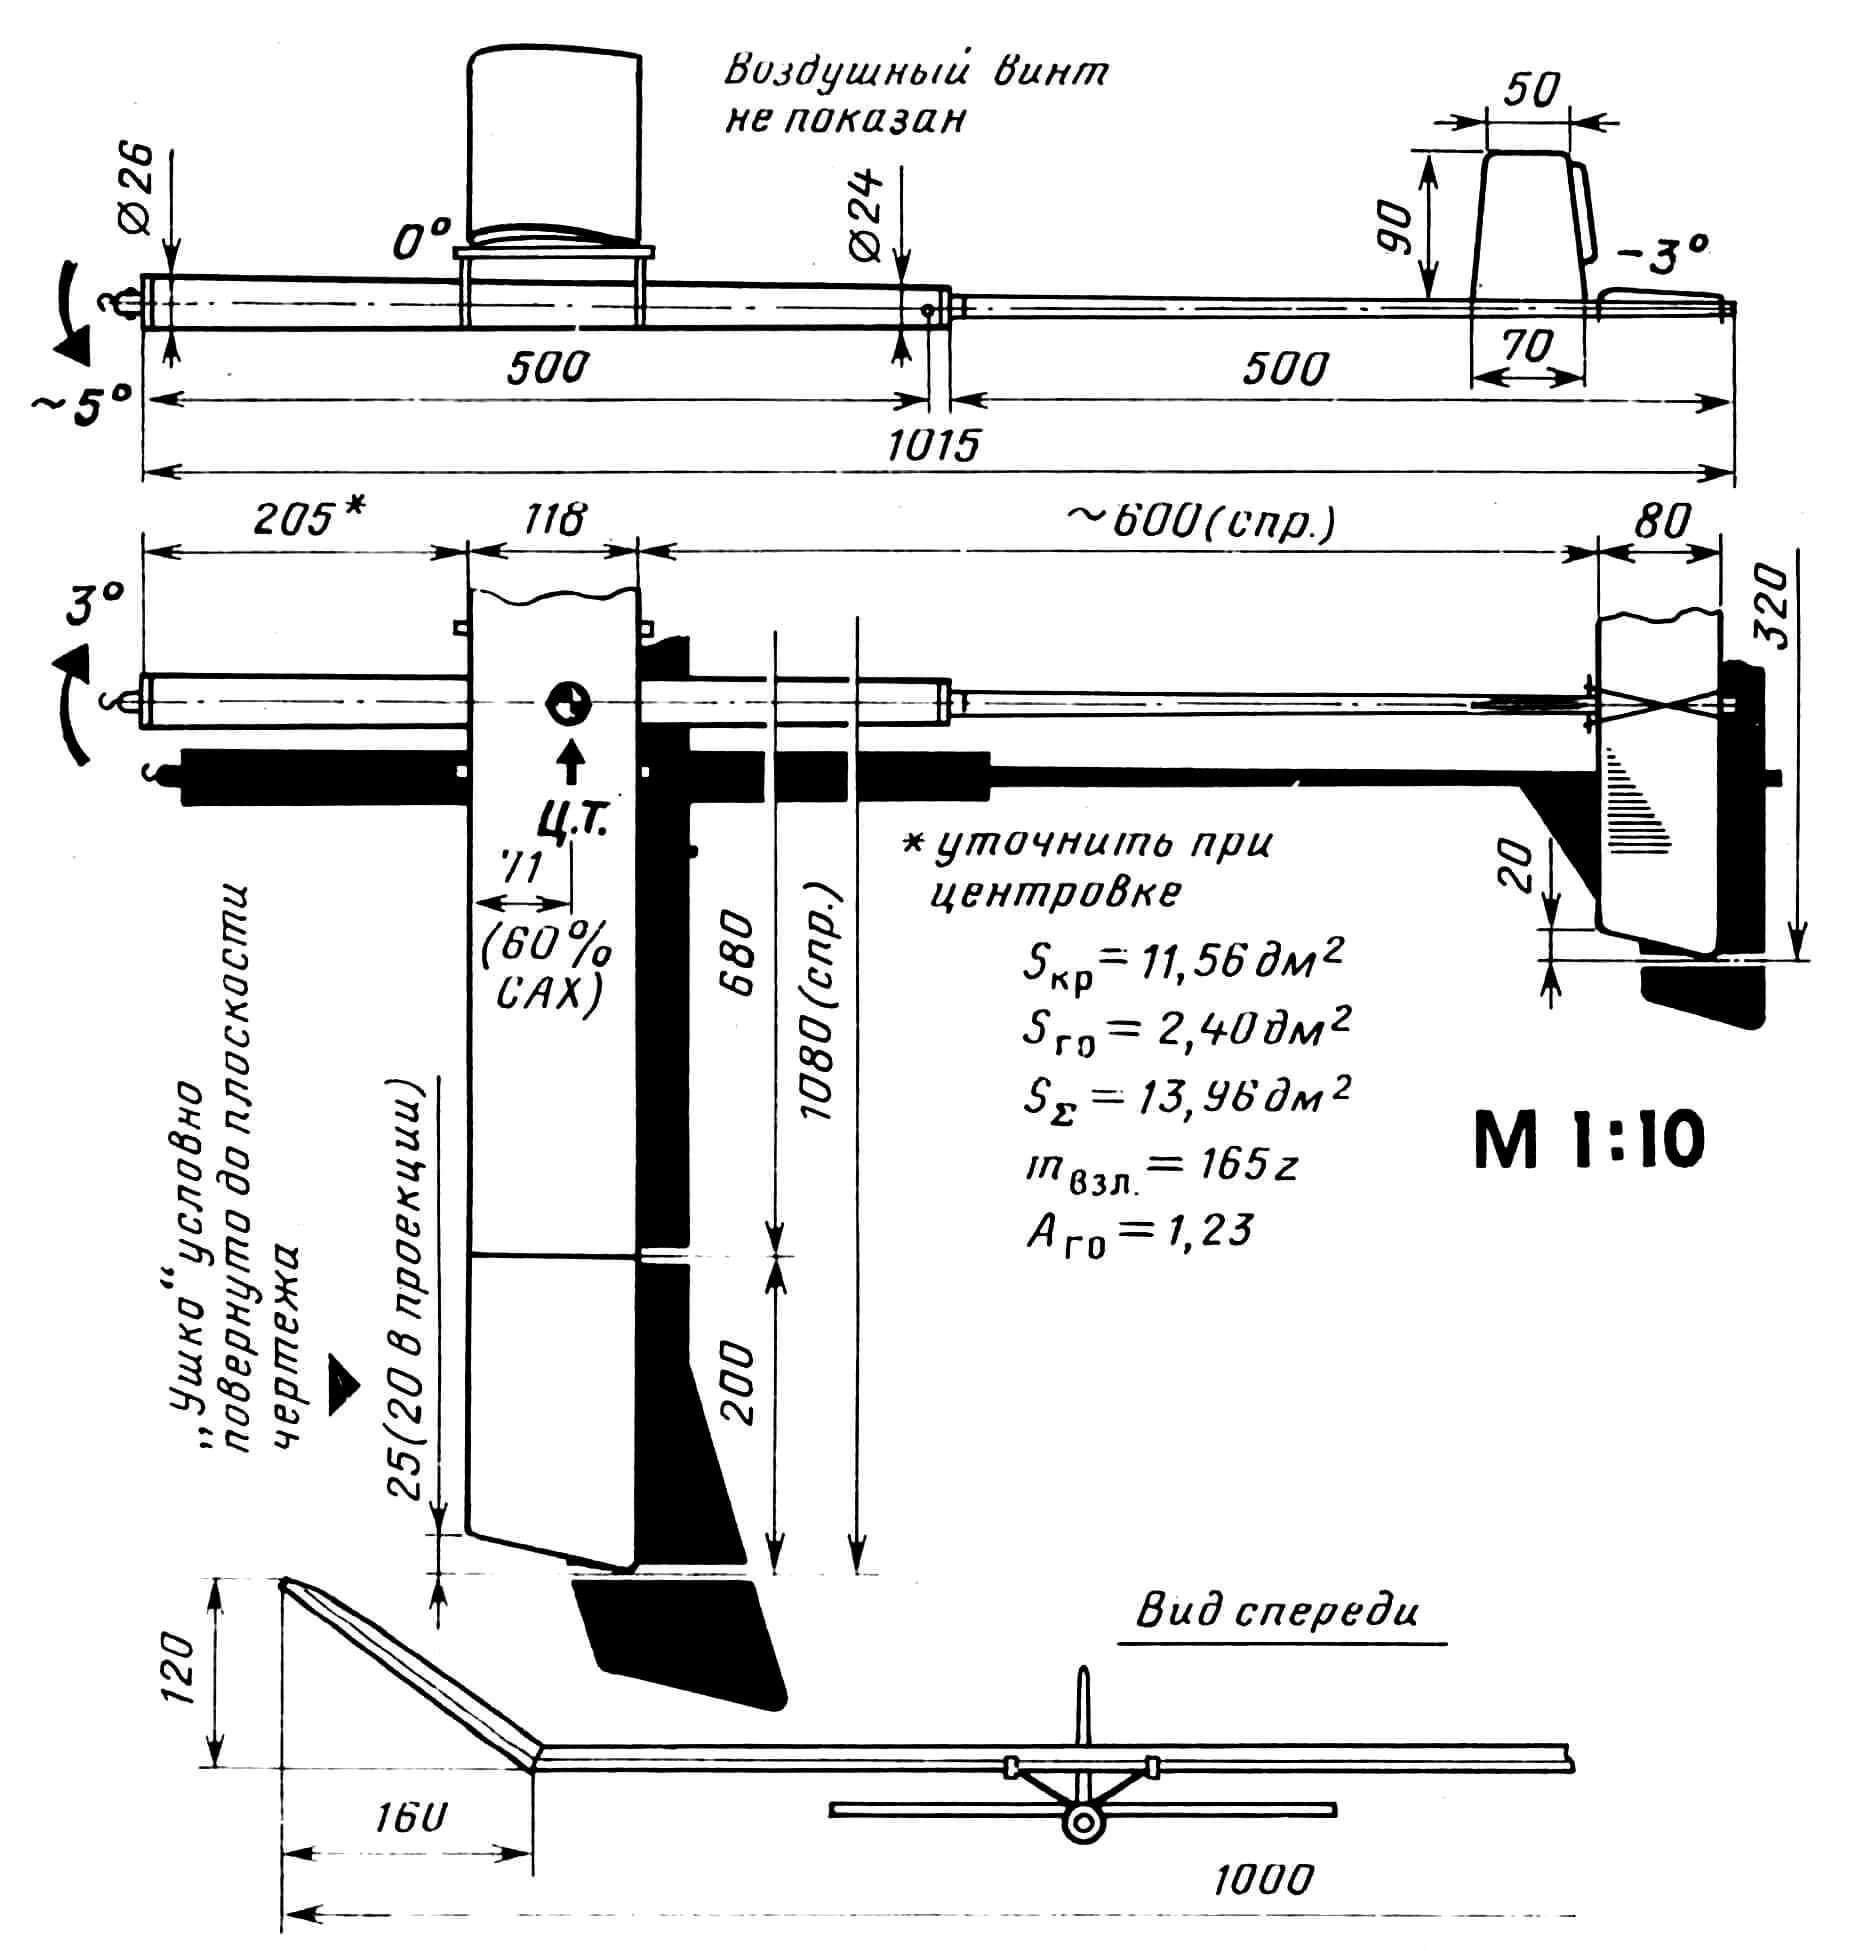 Рис. 1. Геометрические параметры резиномоторной модели.